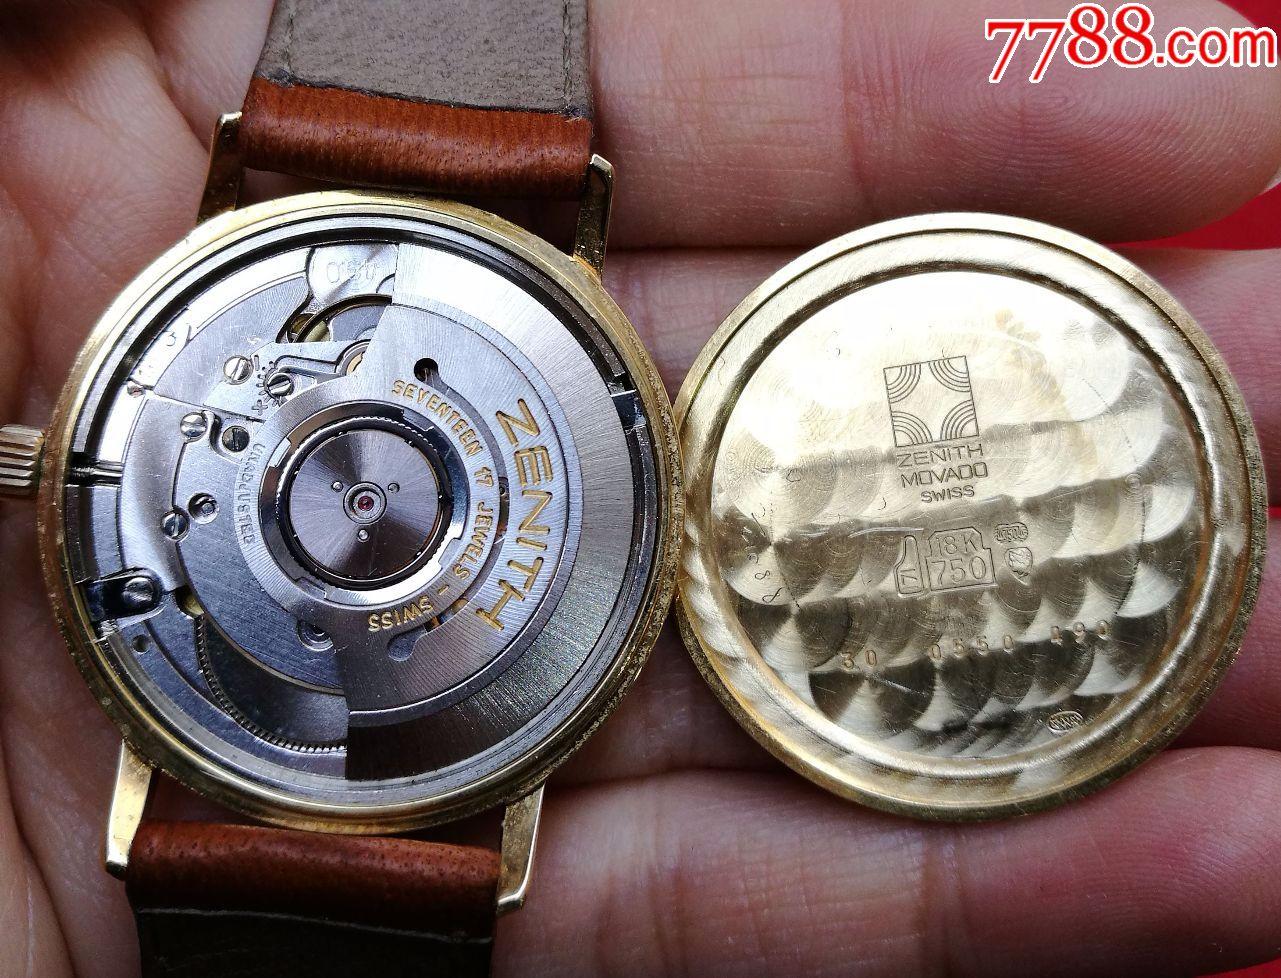 【图】真力时手表维修手表维修店   杭州江干   钟表维修   杭州